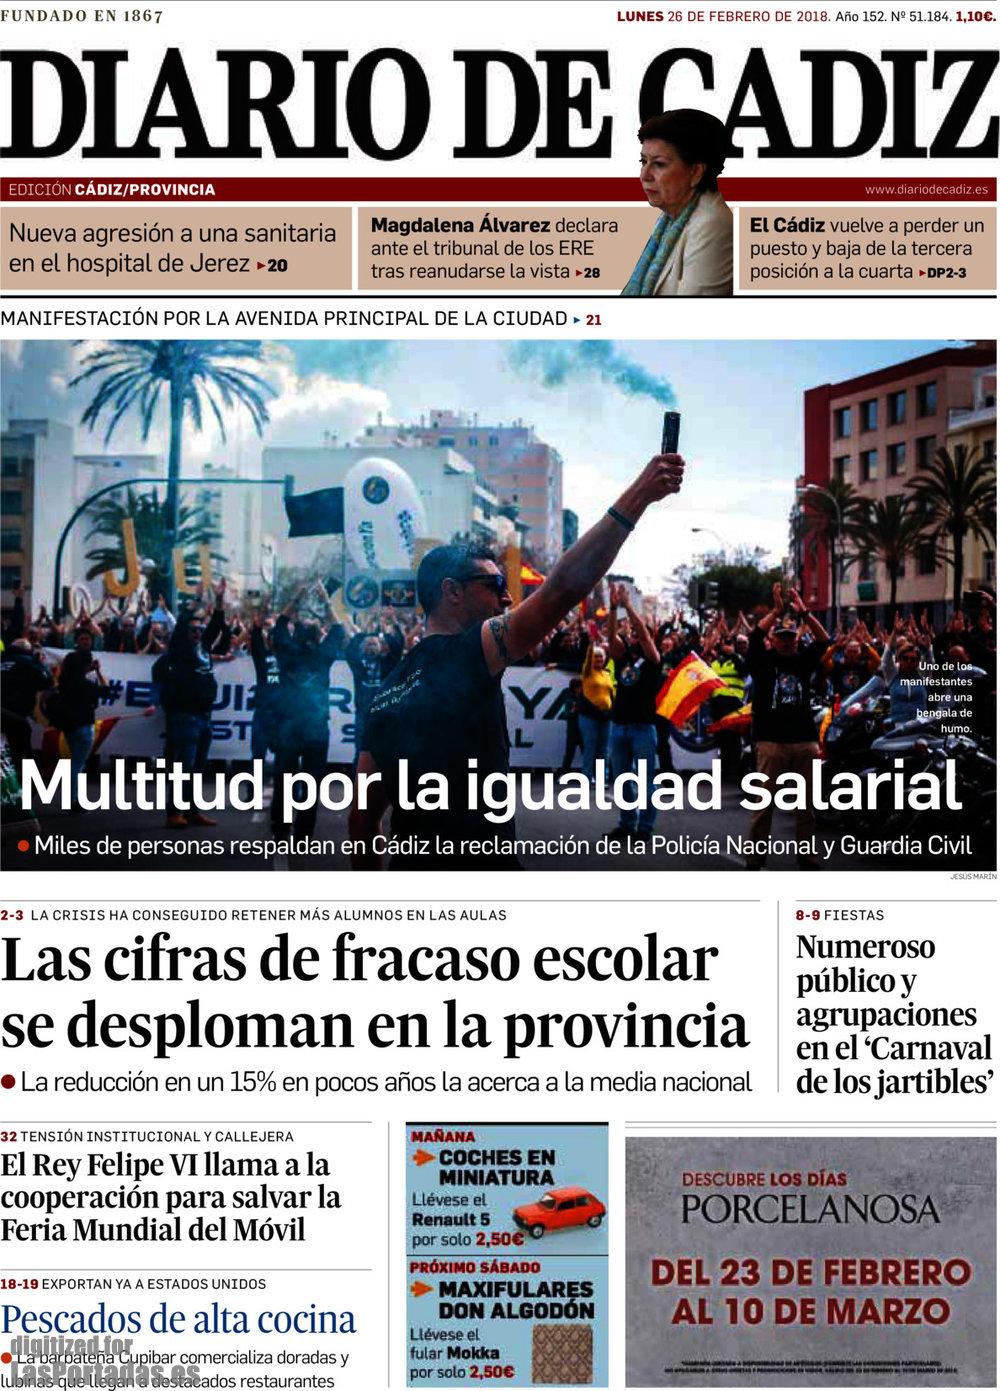 Periodico Diario de Cádiz - 26/2/2018